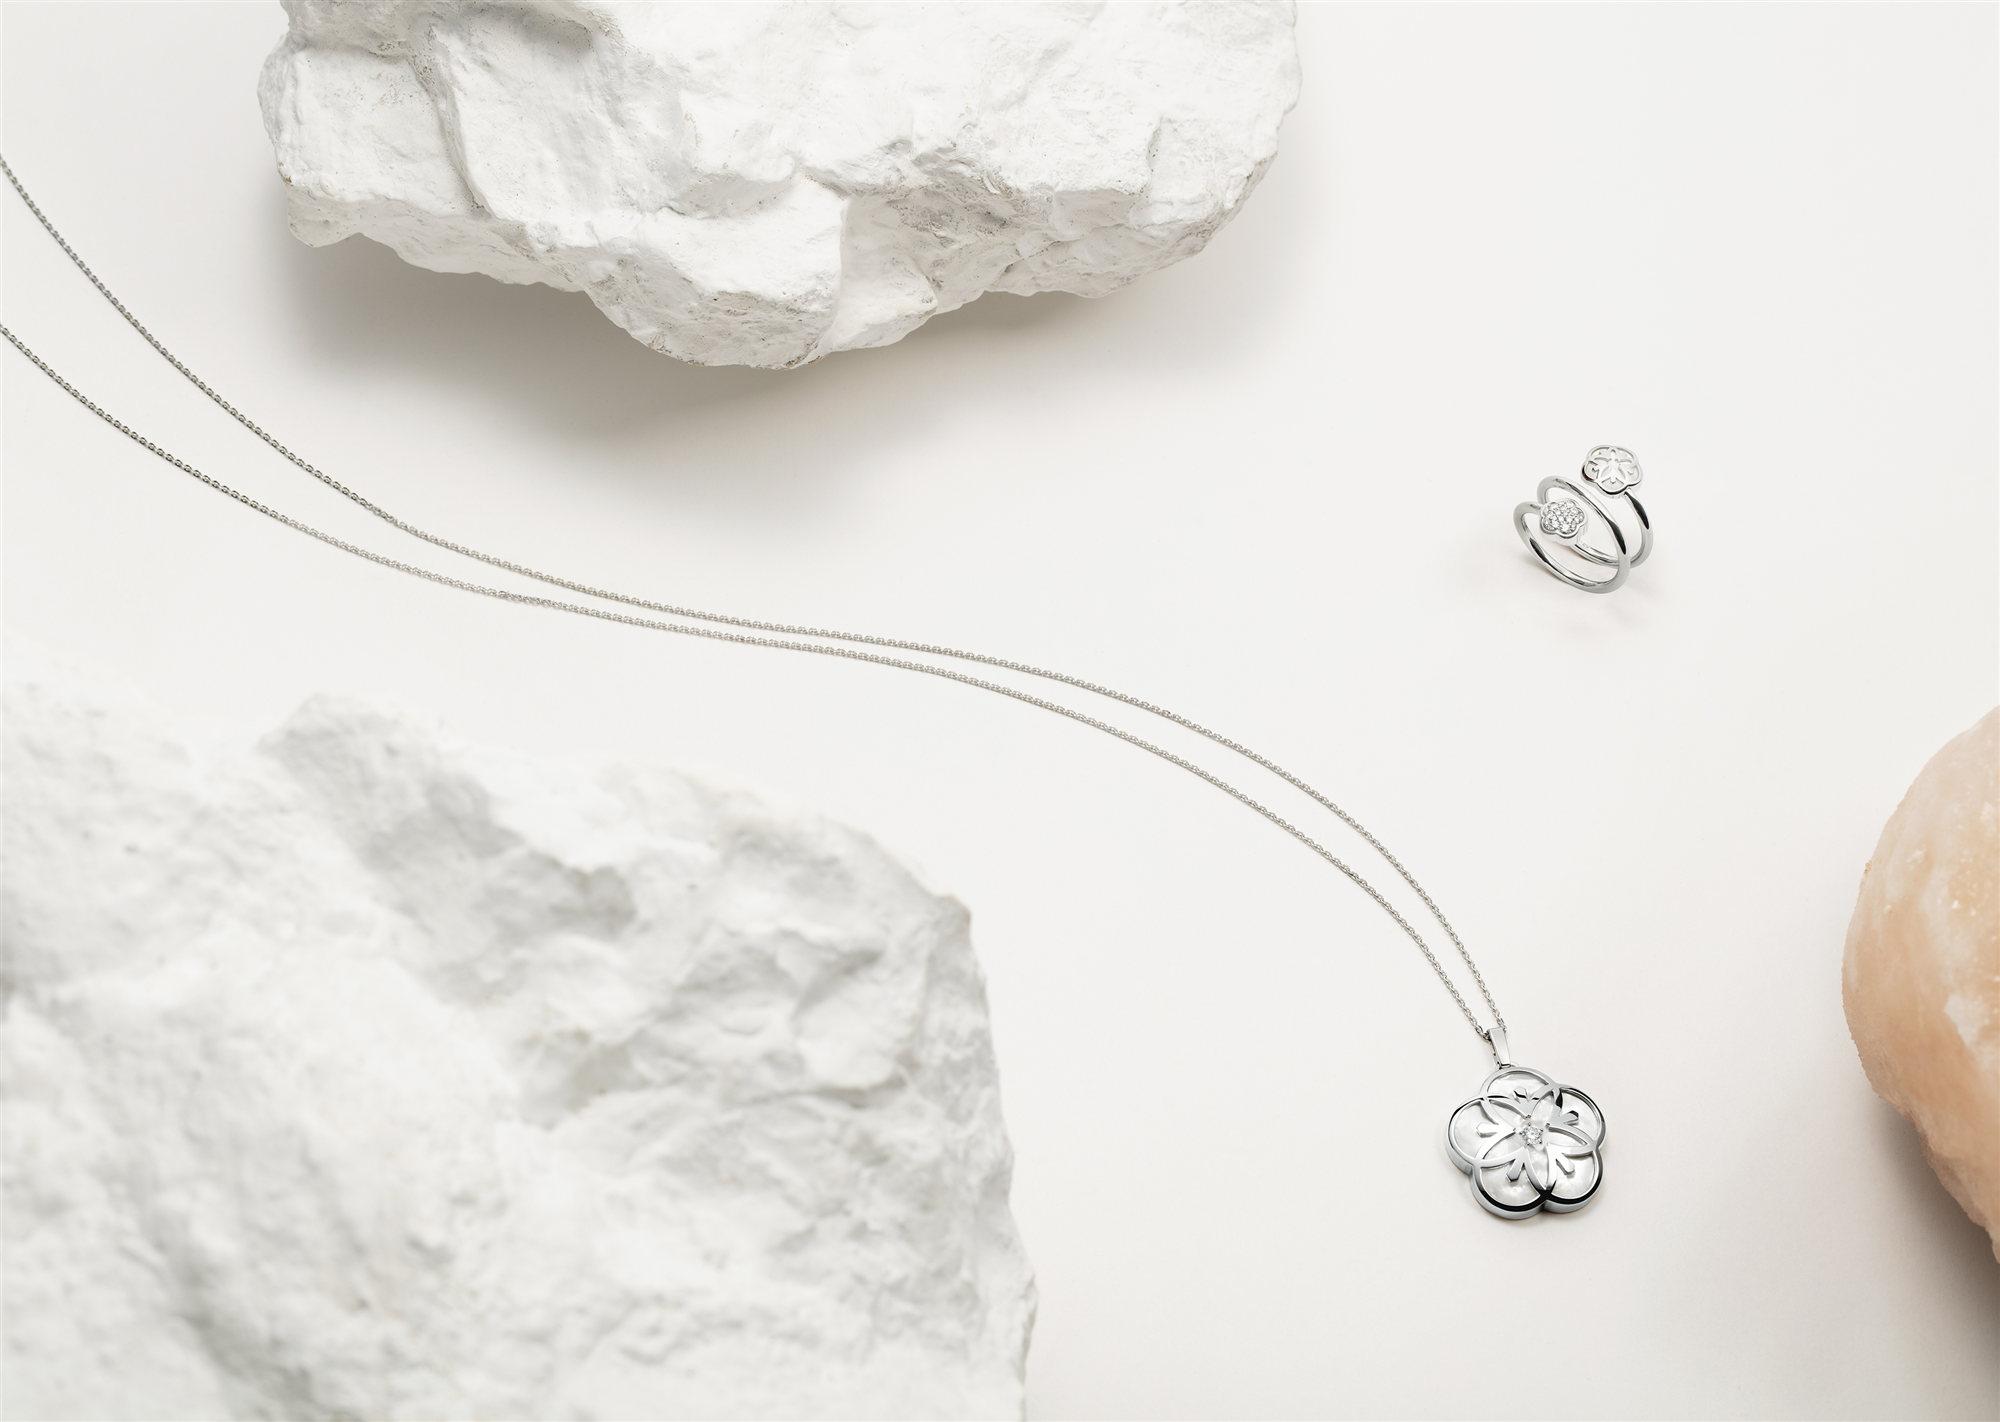 超越时间之美 欧米茄华贵珠宝